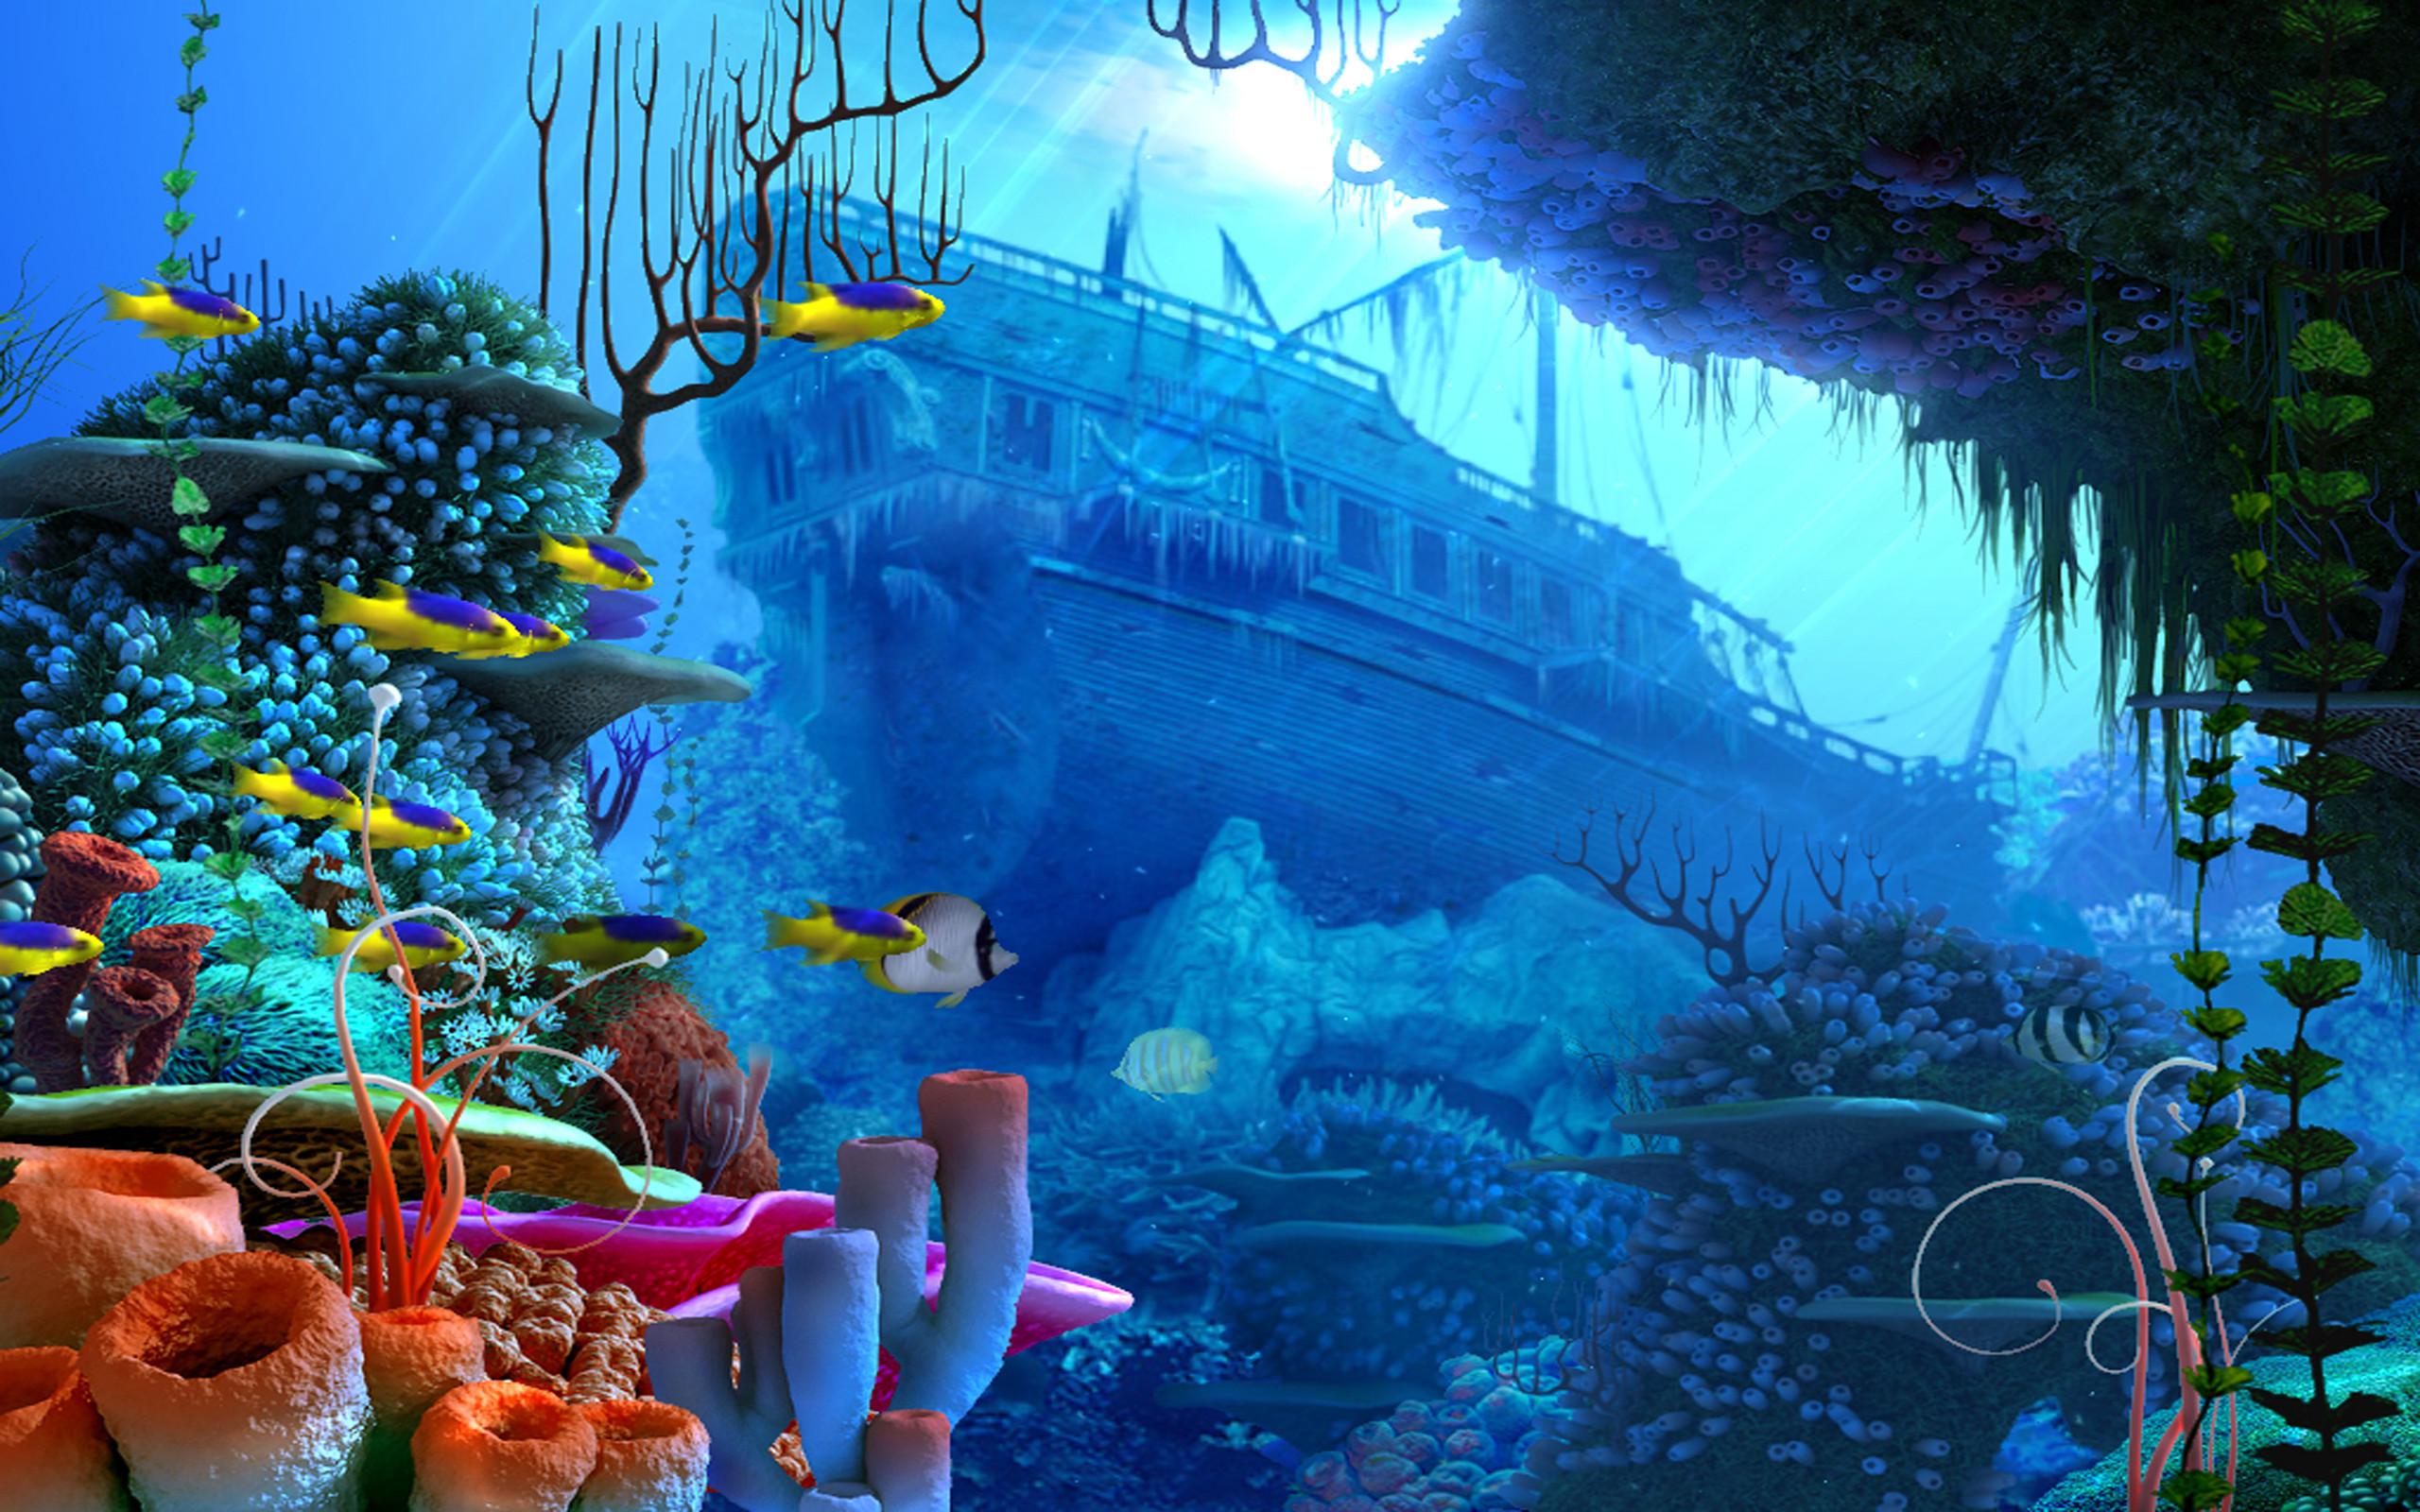 ocean scenes wallpaper ·①